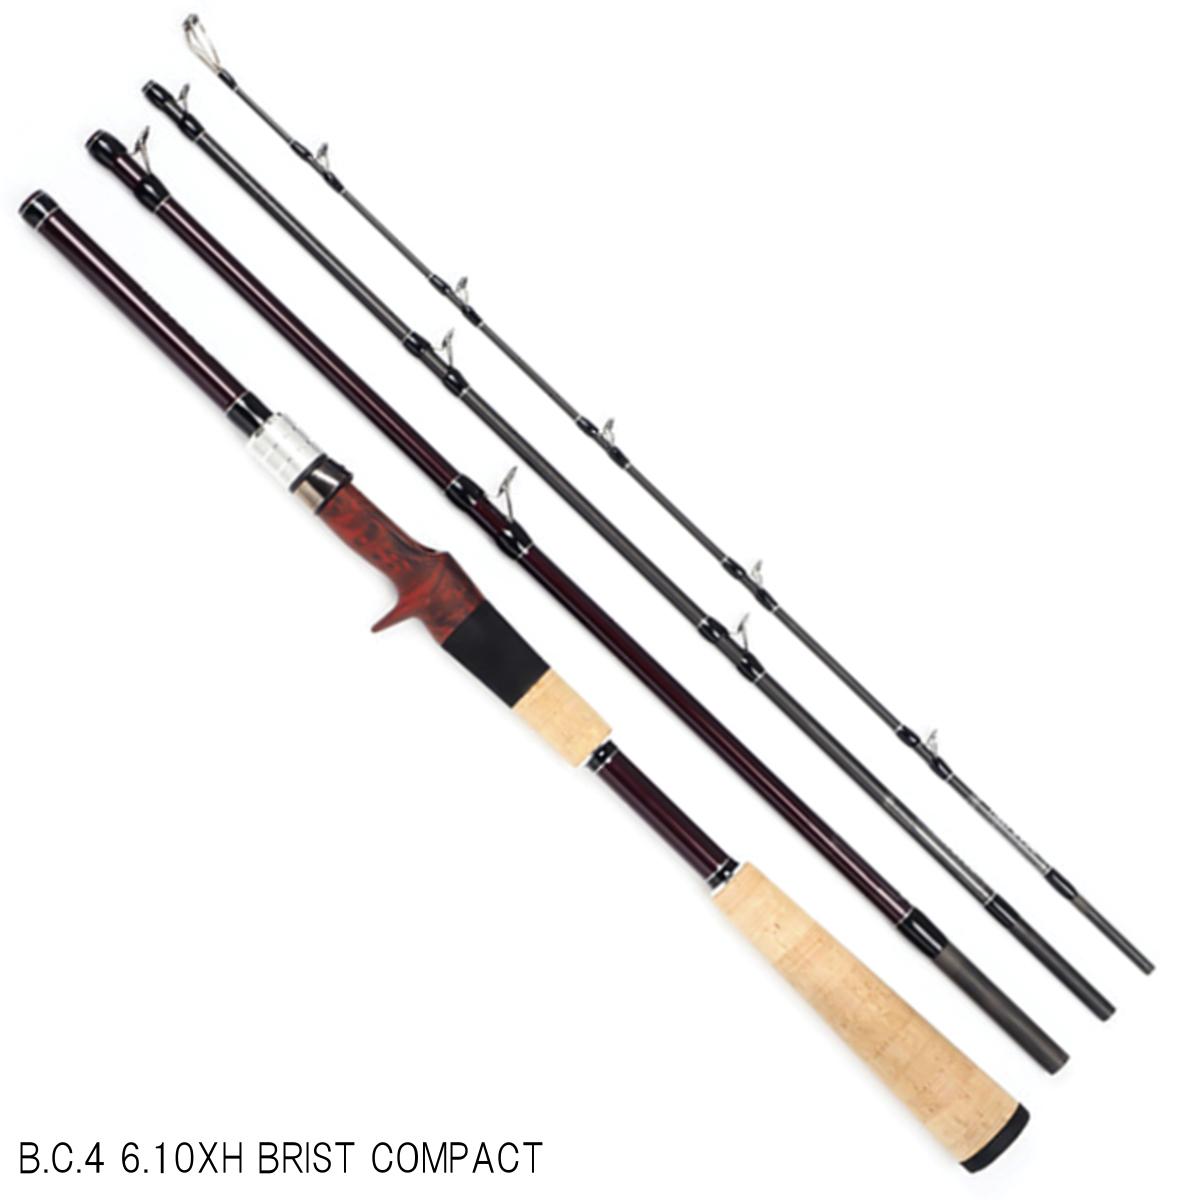 フィッシュマン B.C.4 6.10XH BRIST COMPACT